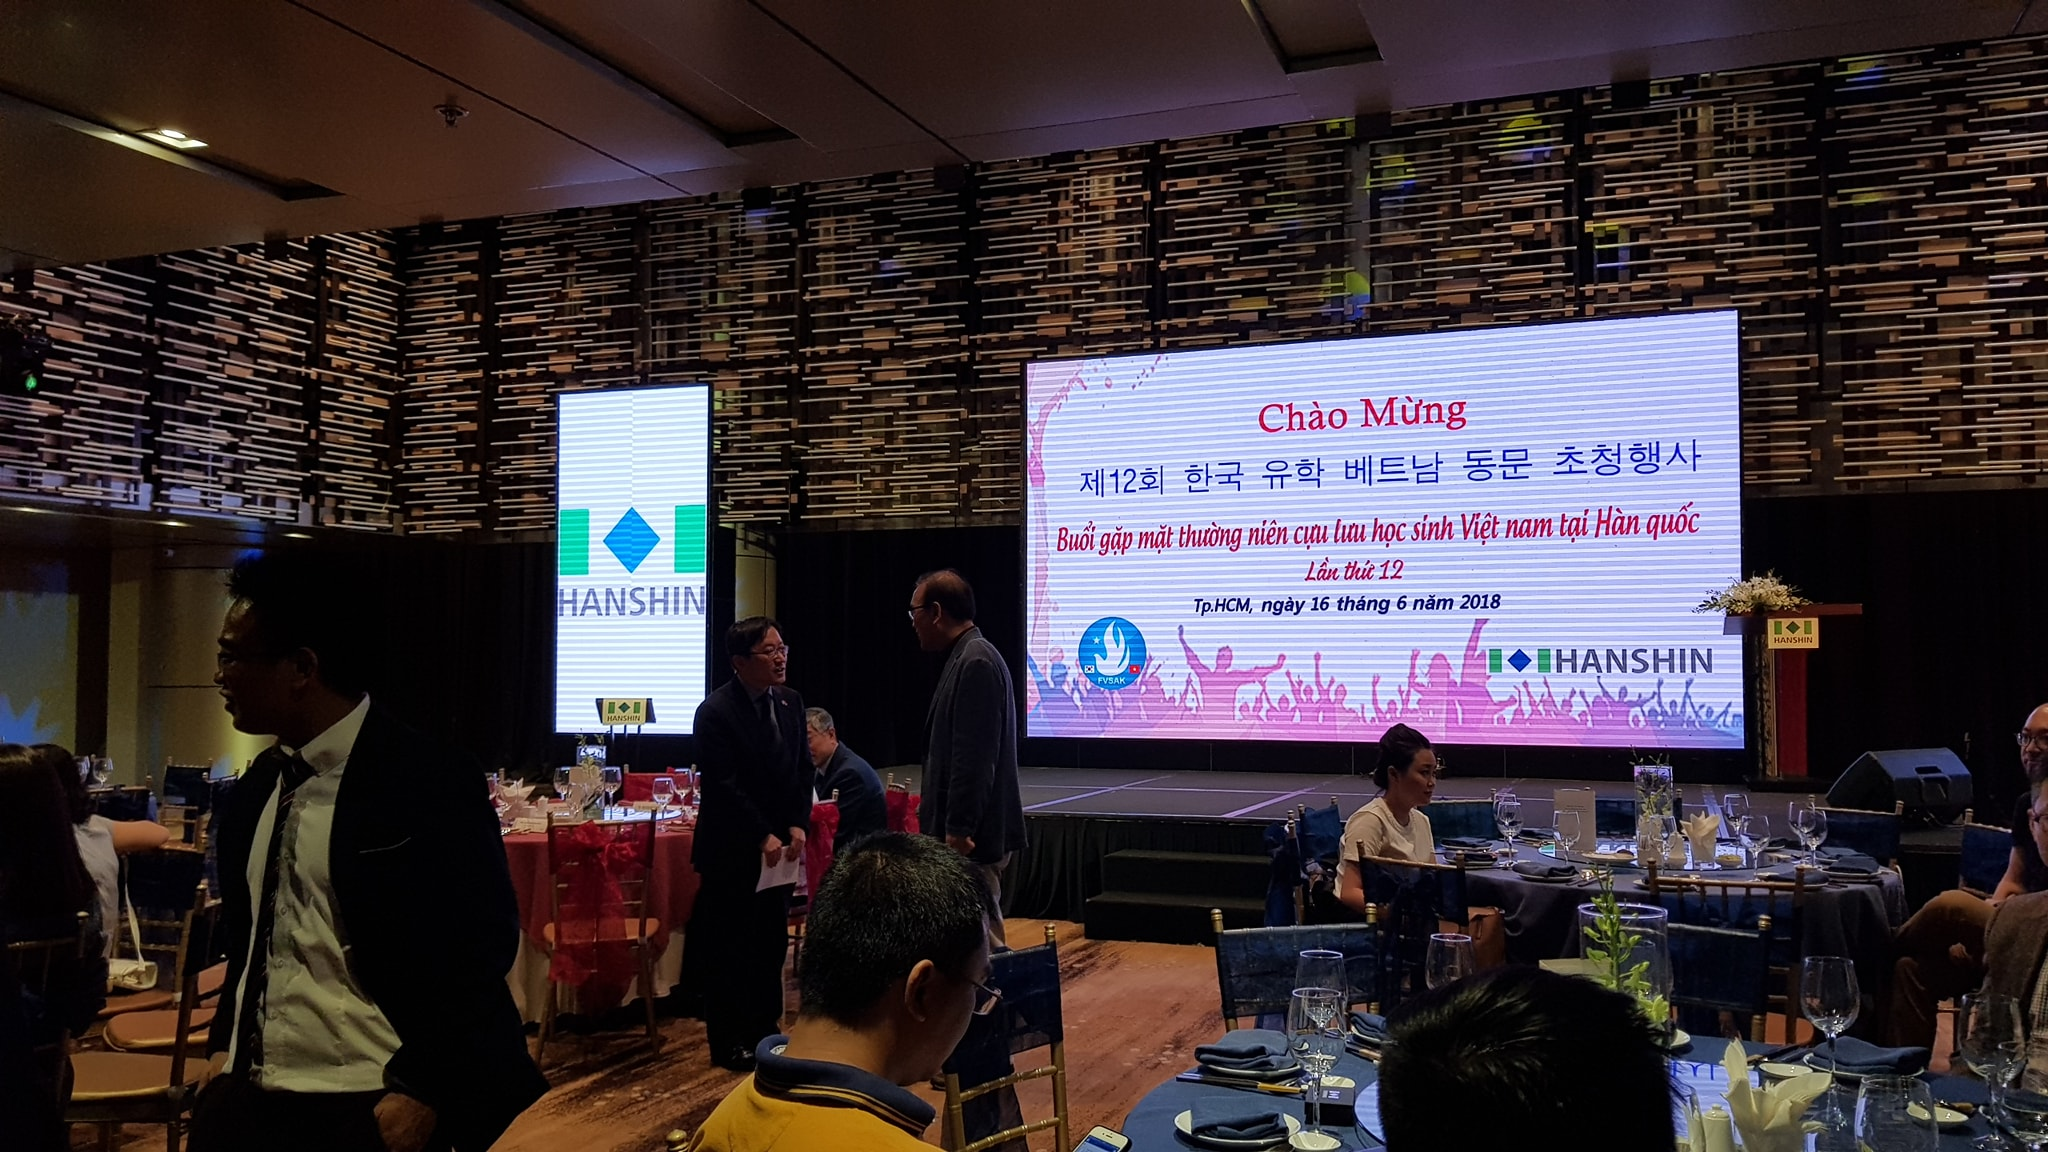 Luật sư Nguyễn Tiến Hoà tham dự hội nghị hội du học Hàn Quốc tại Việt Nam